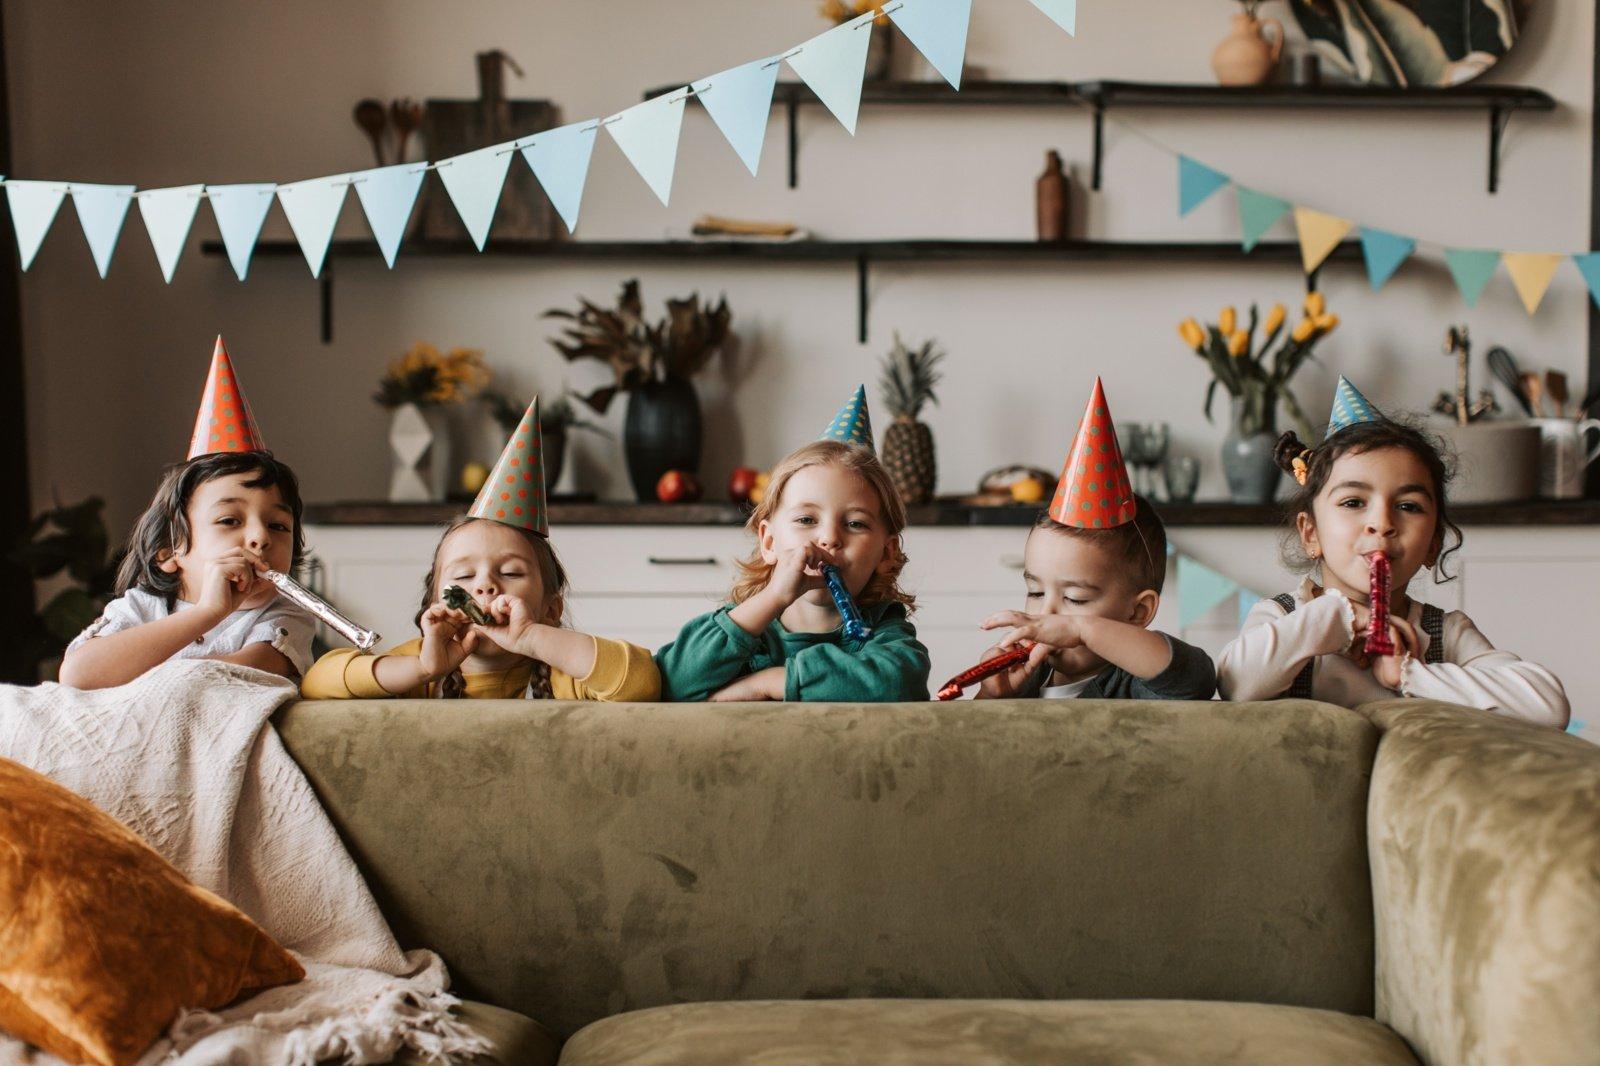 Gimtadienio rinkinys vaikui – gera dovana ar pinigų švaistymas?